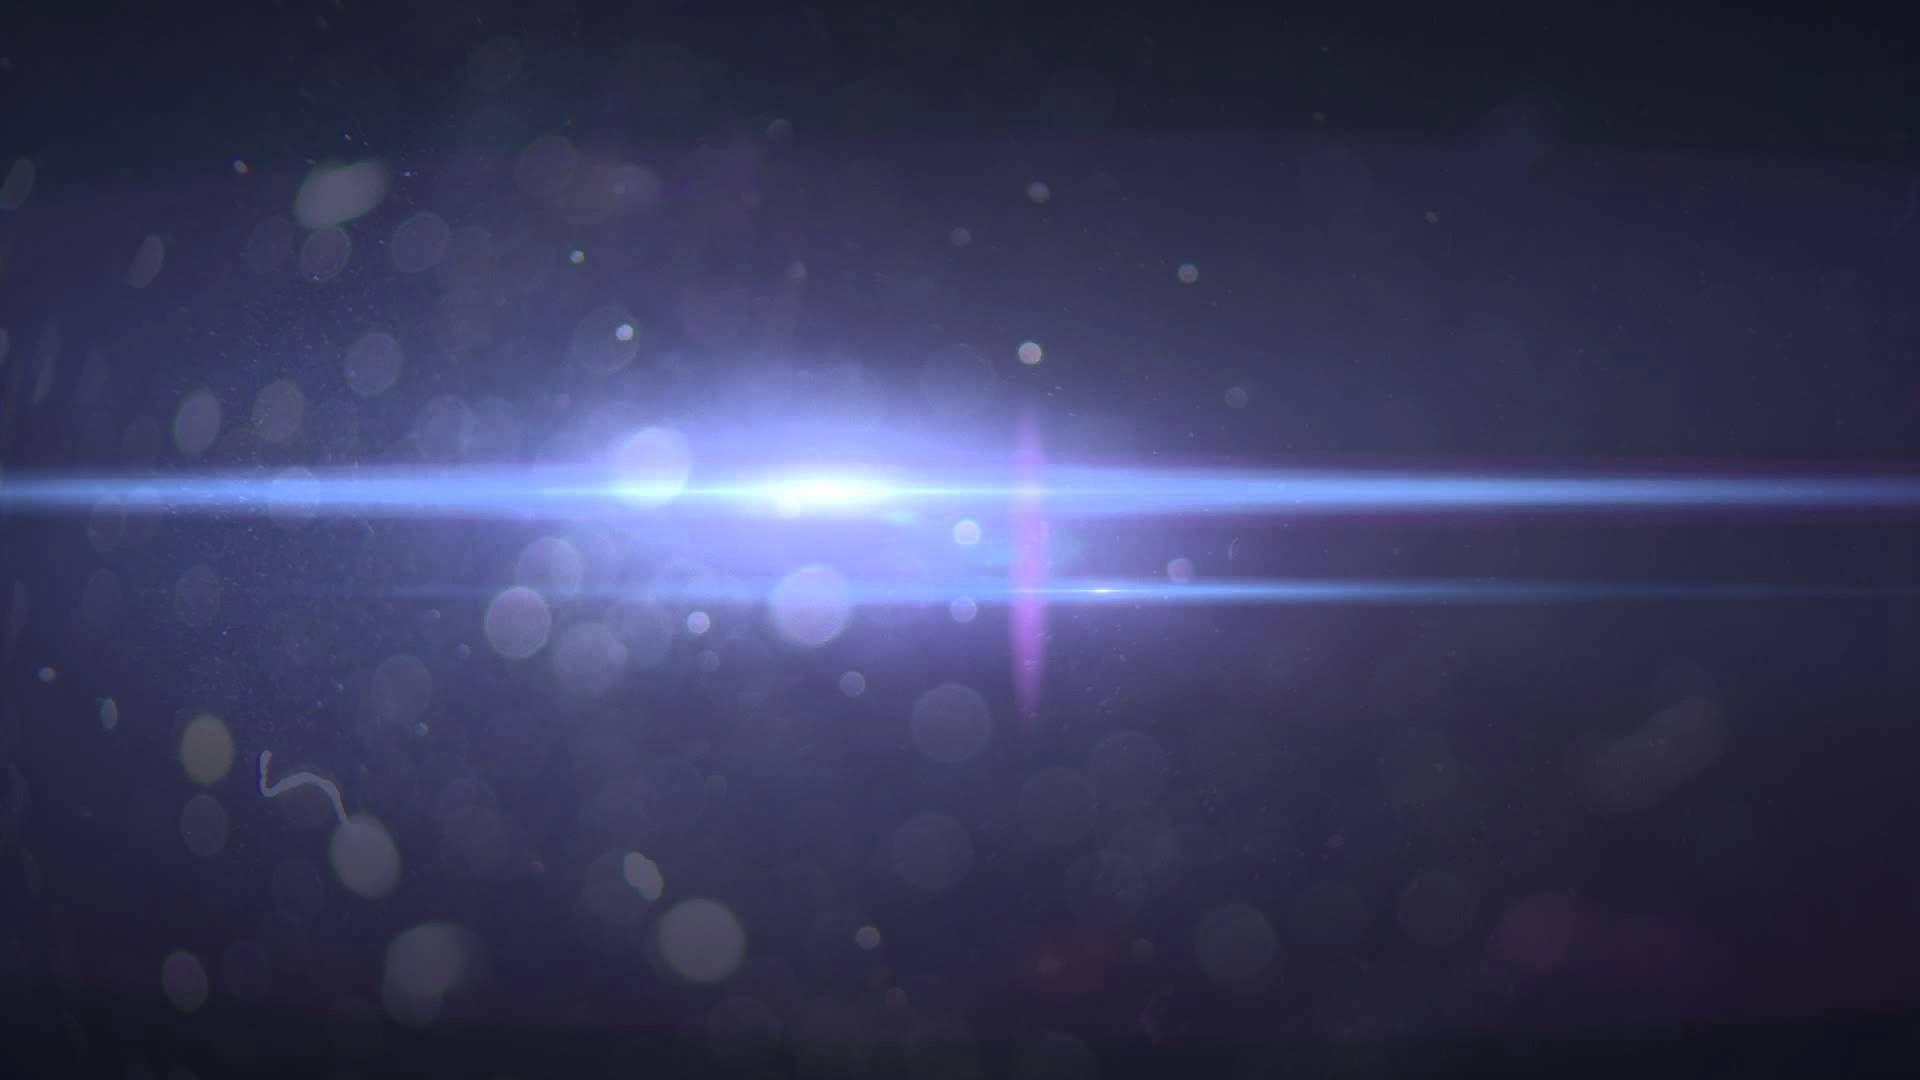 anamorphic lens flare, glare | Retouch/Light/Filter in 2019 | Lens